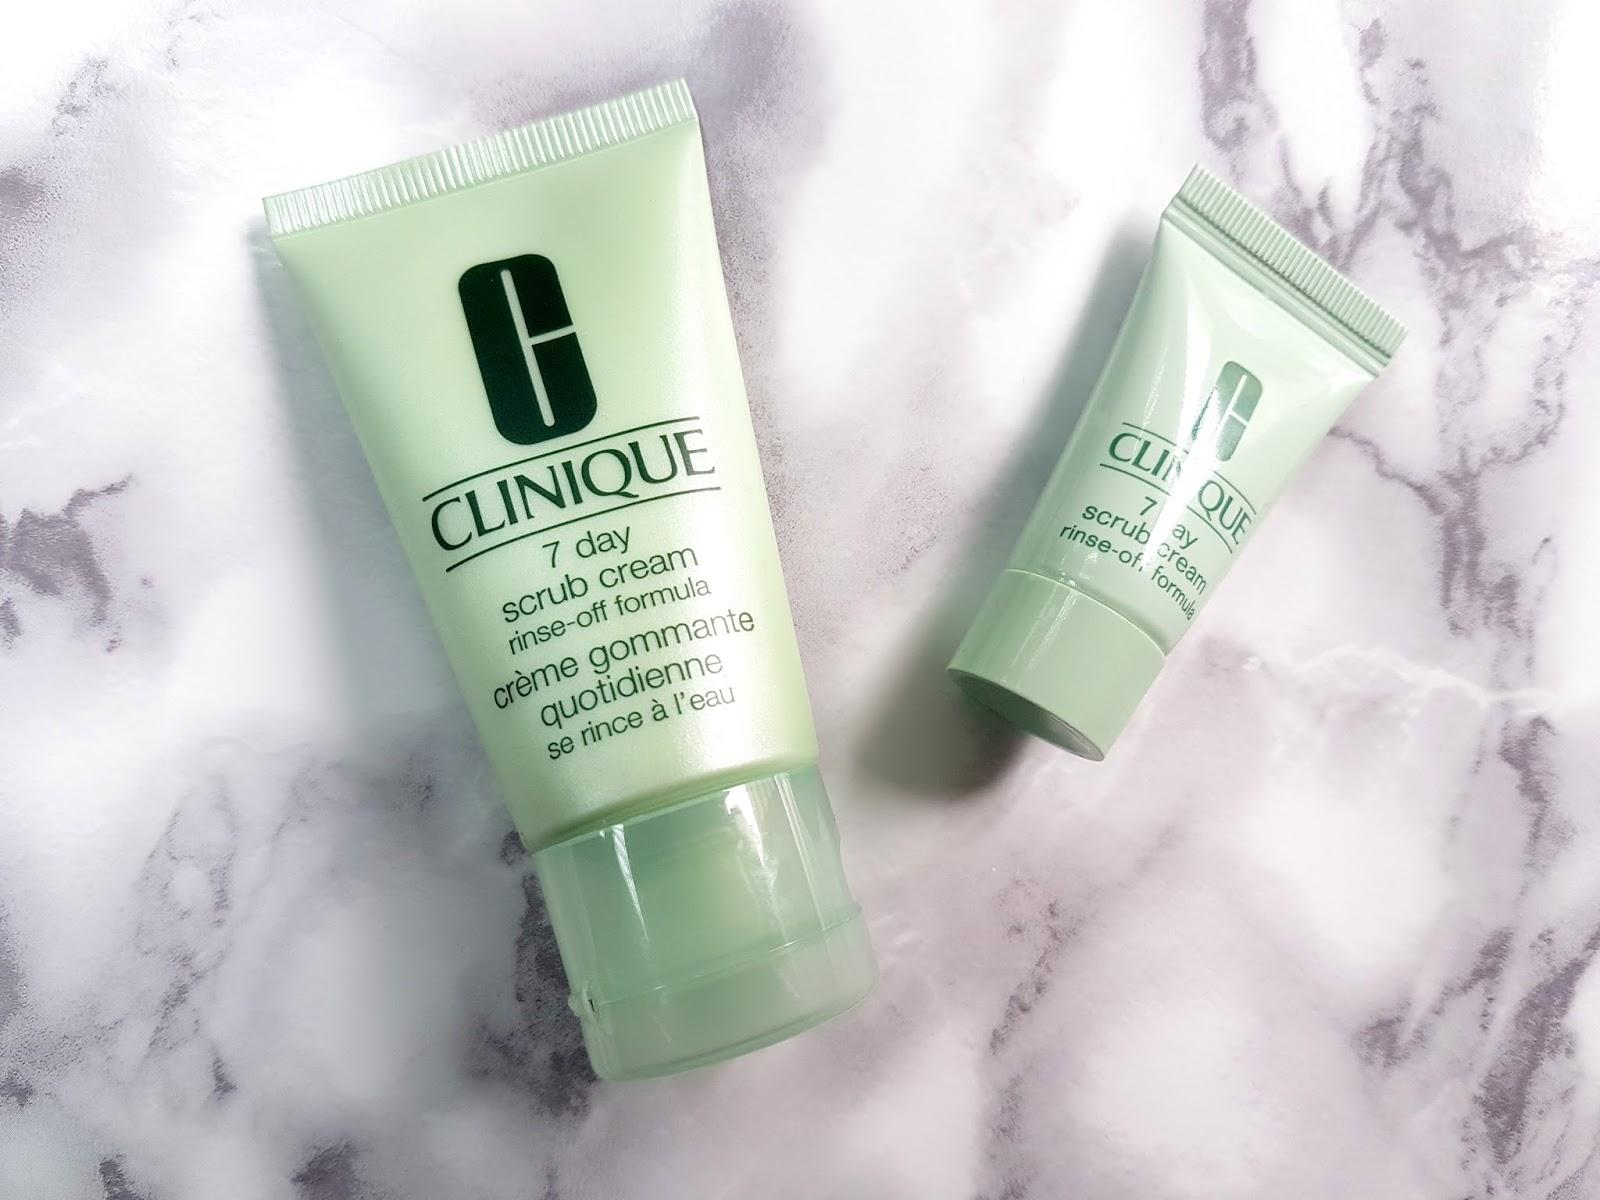 bf01a51c8e8dd clinique scrub cream how to use